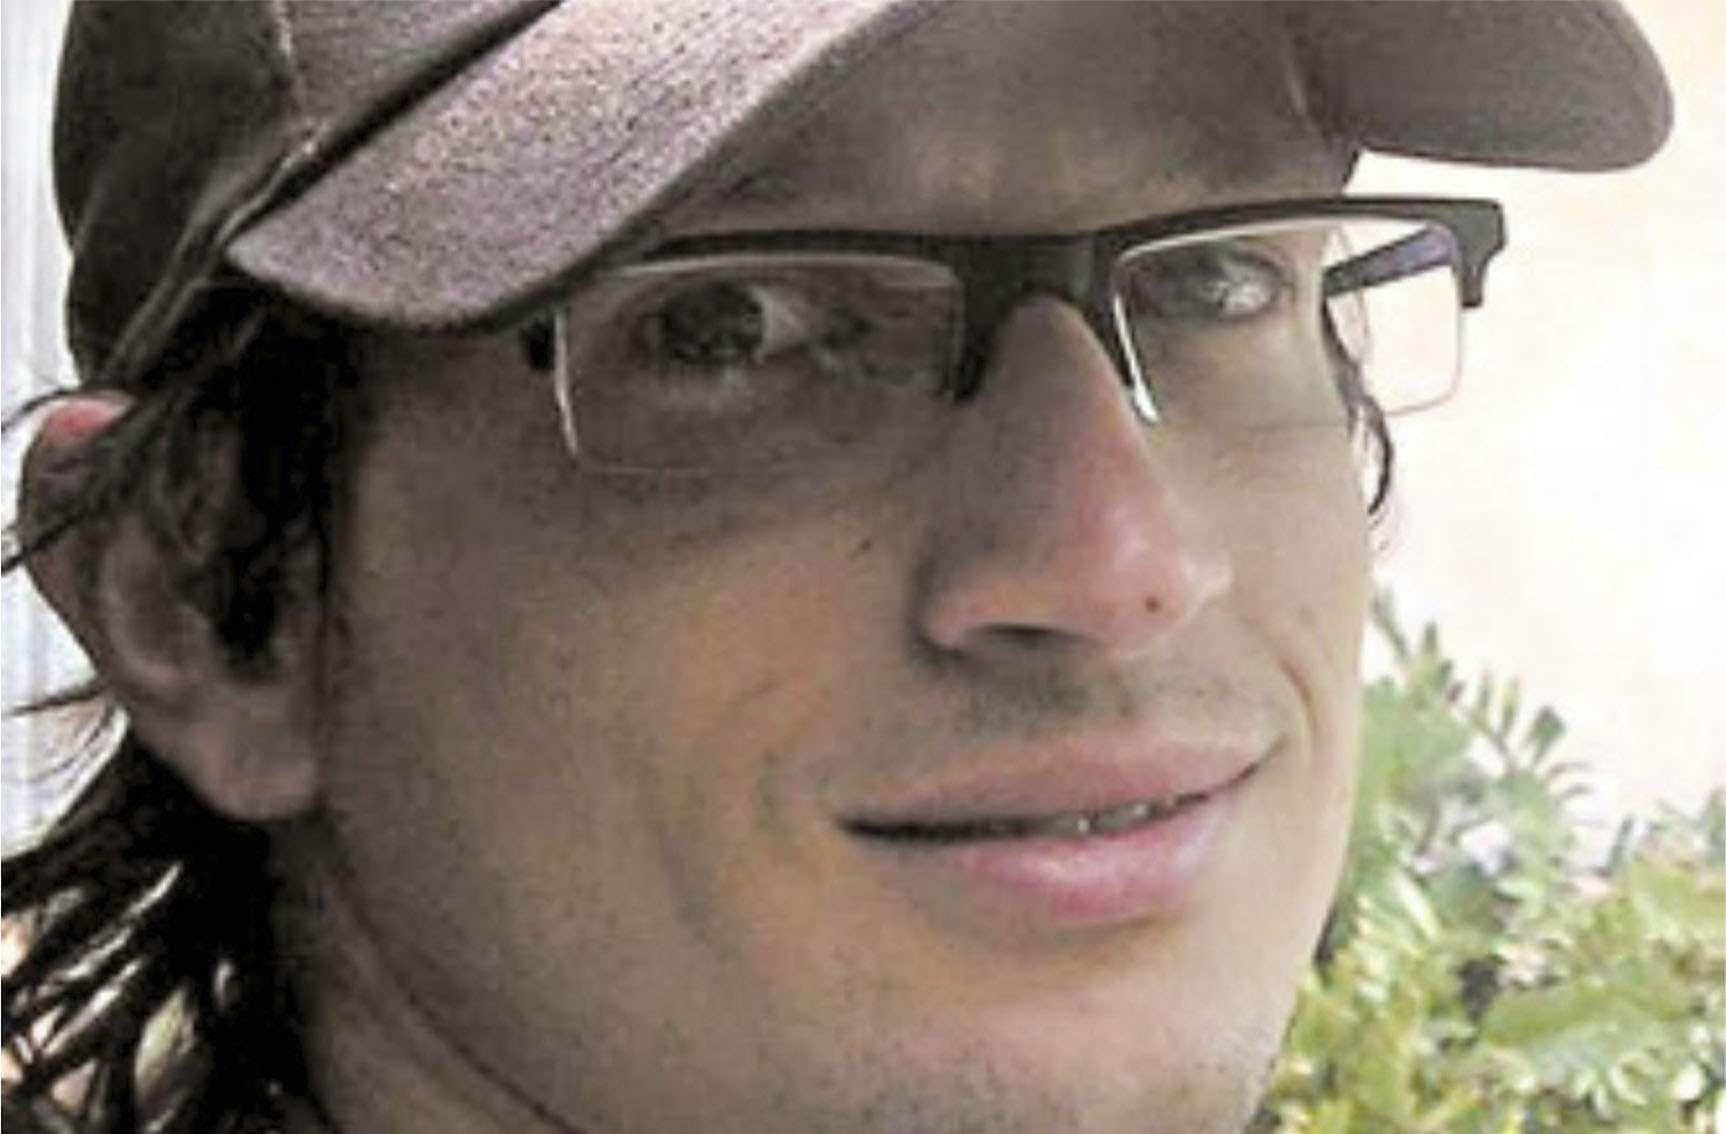 Lagomarsino, la última persona que vio con vida al fiscal Nisman y quien le prestó el arma calibre 22 hallada en su departamento. Foto: Noticias Argentinas